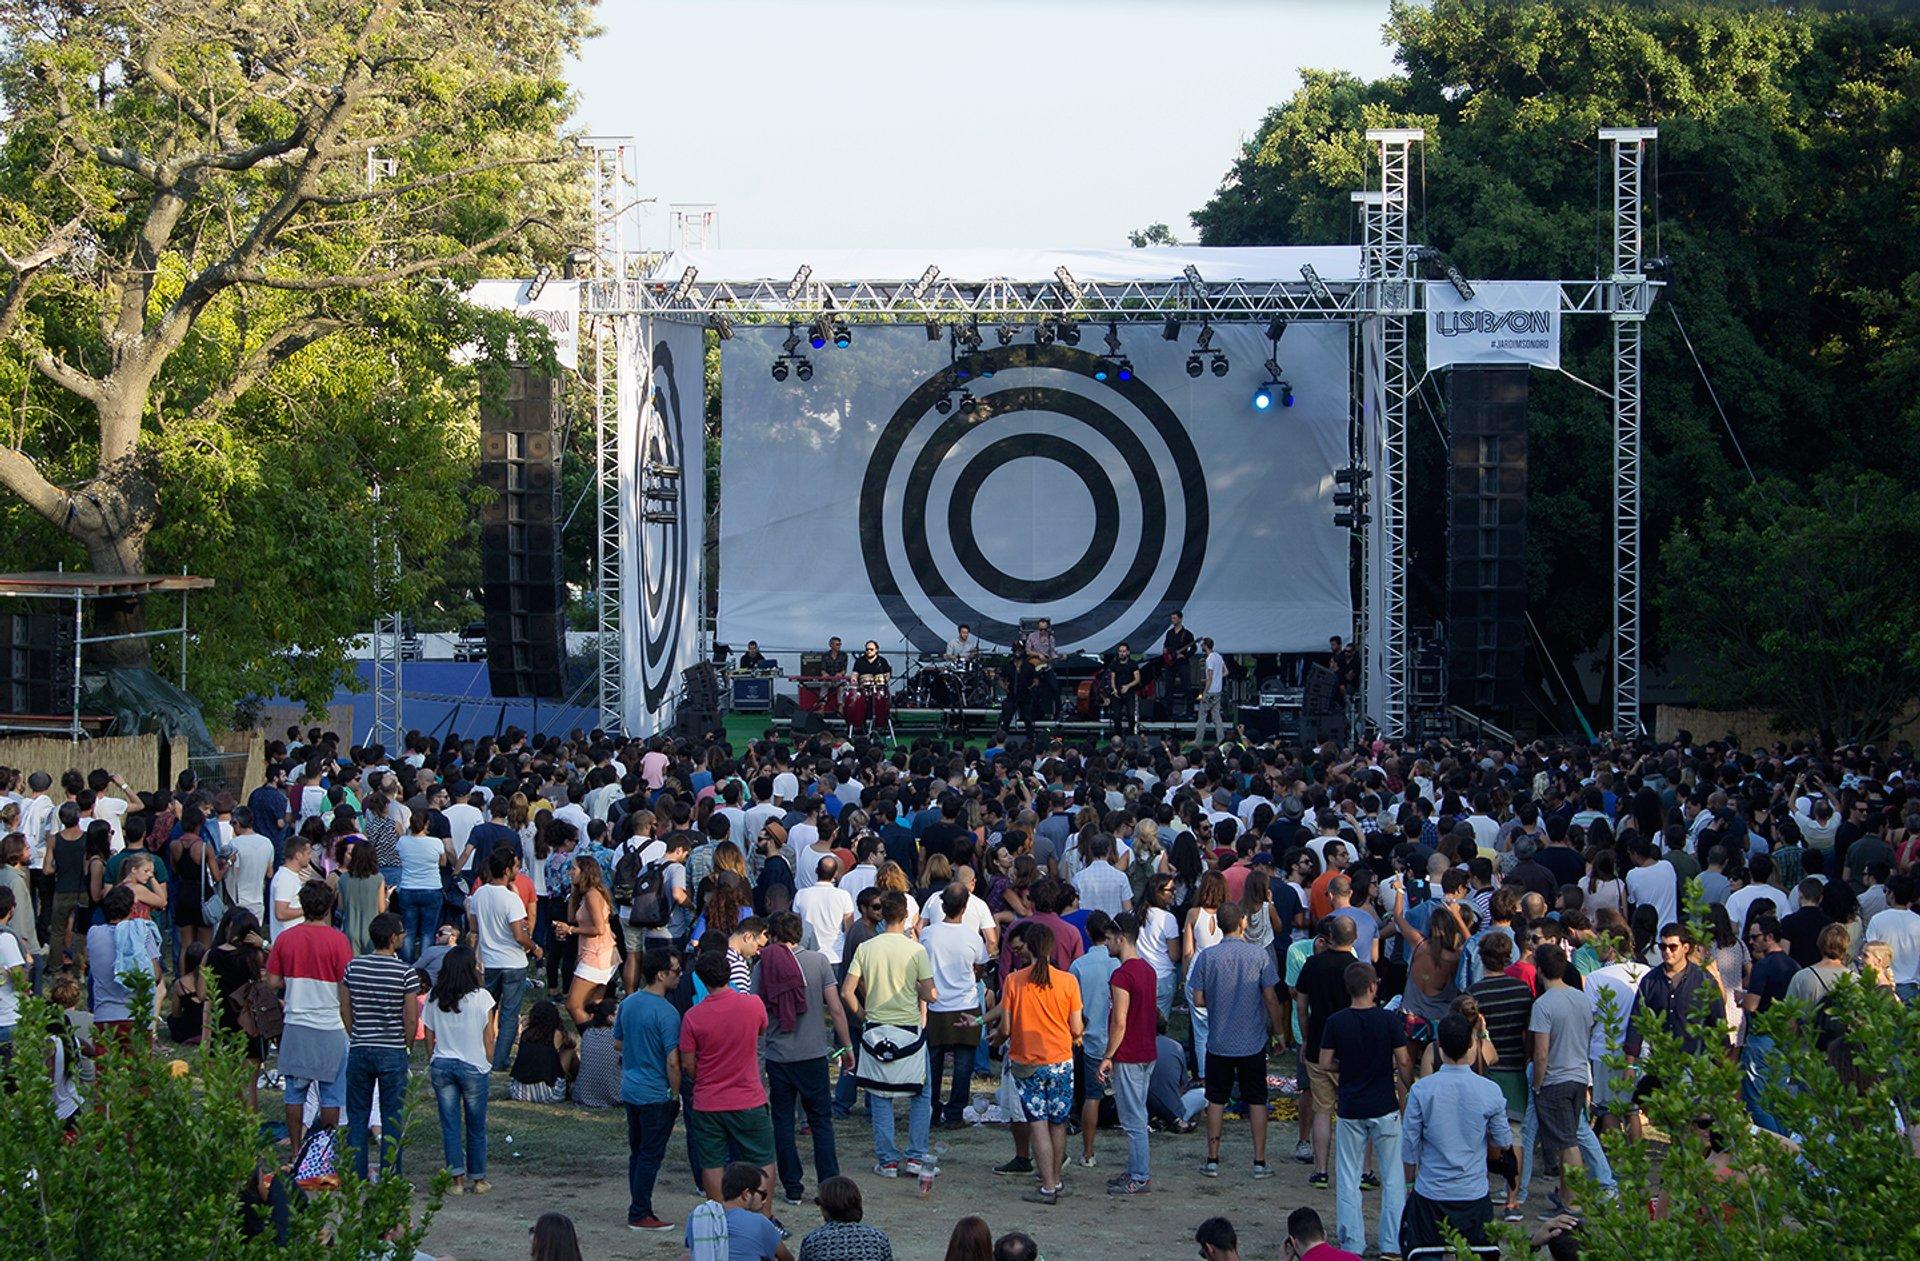 LISB-ON in Lisbon - Best Season 2020